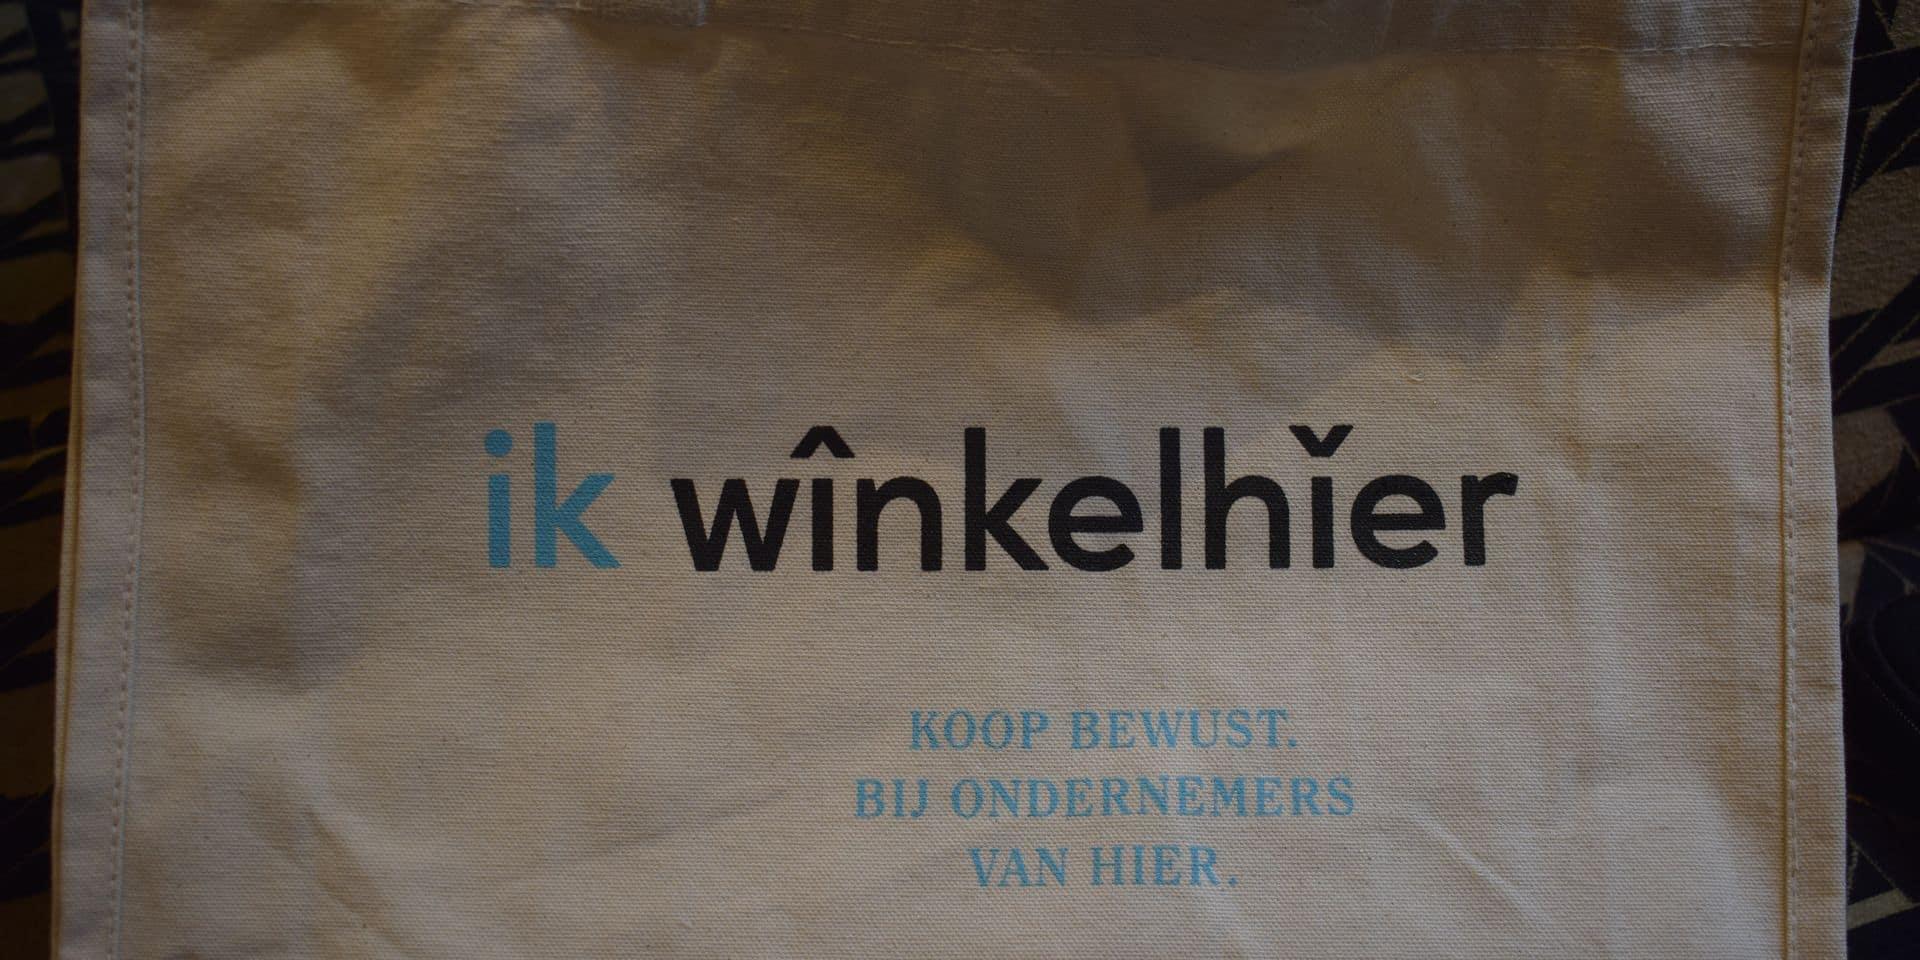 Voici le mot de l'année en Flandre